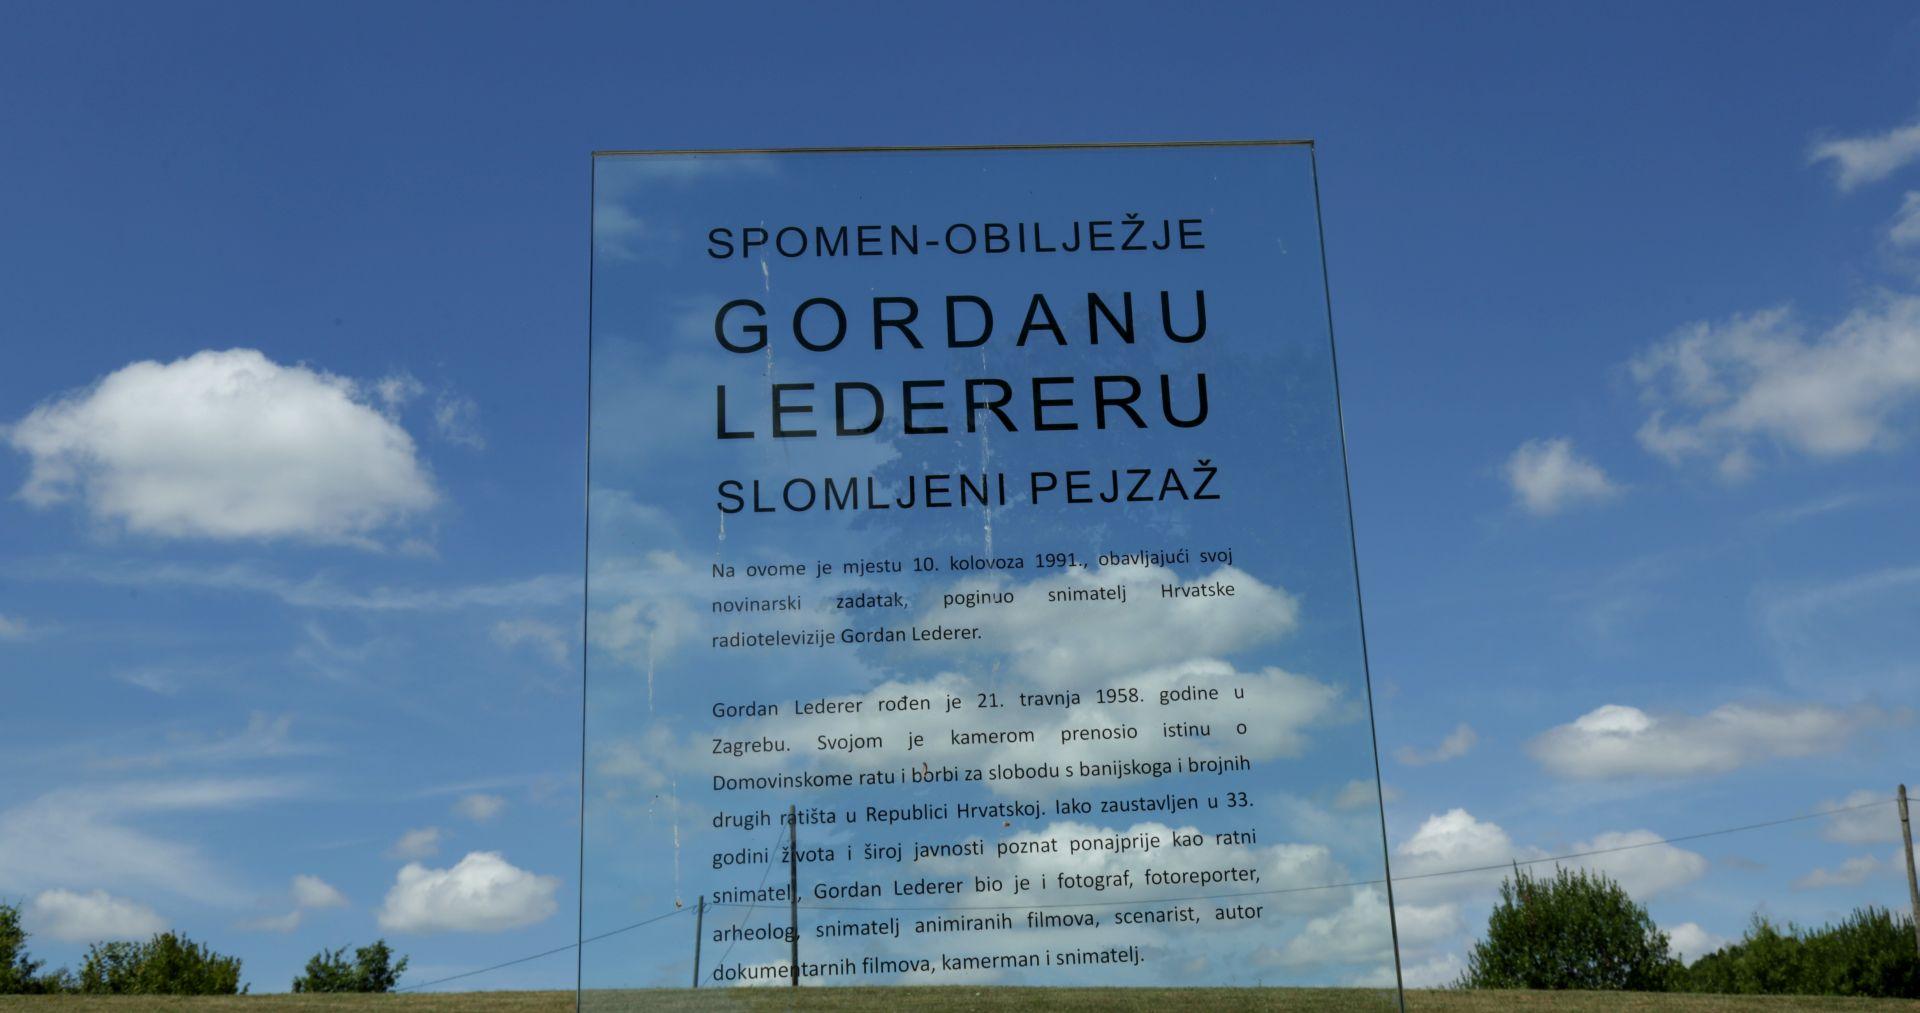 OBLJETNICA Prije 26 godina poginuo snimatelj HTV-a Gordan Lederer